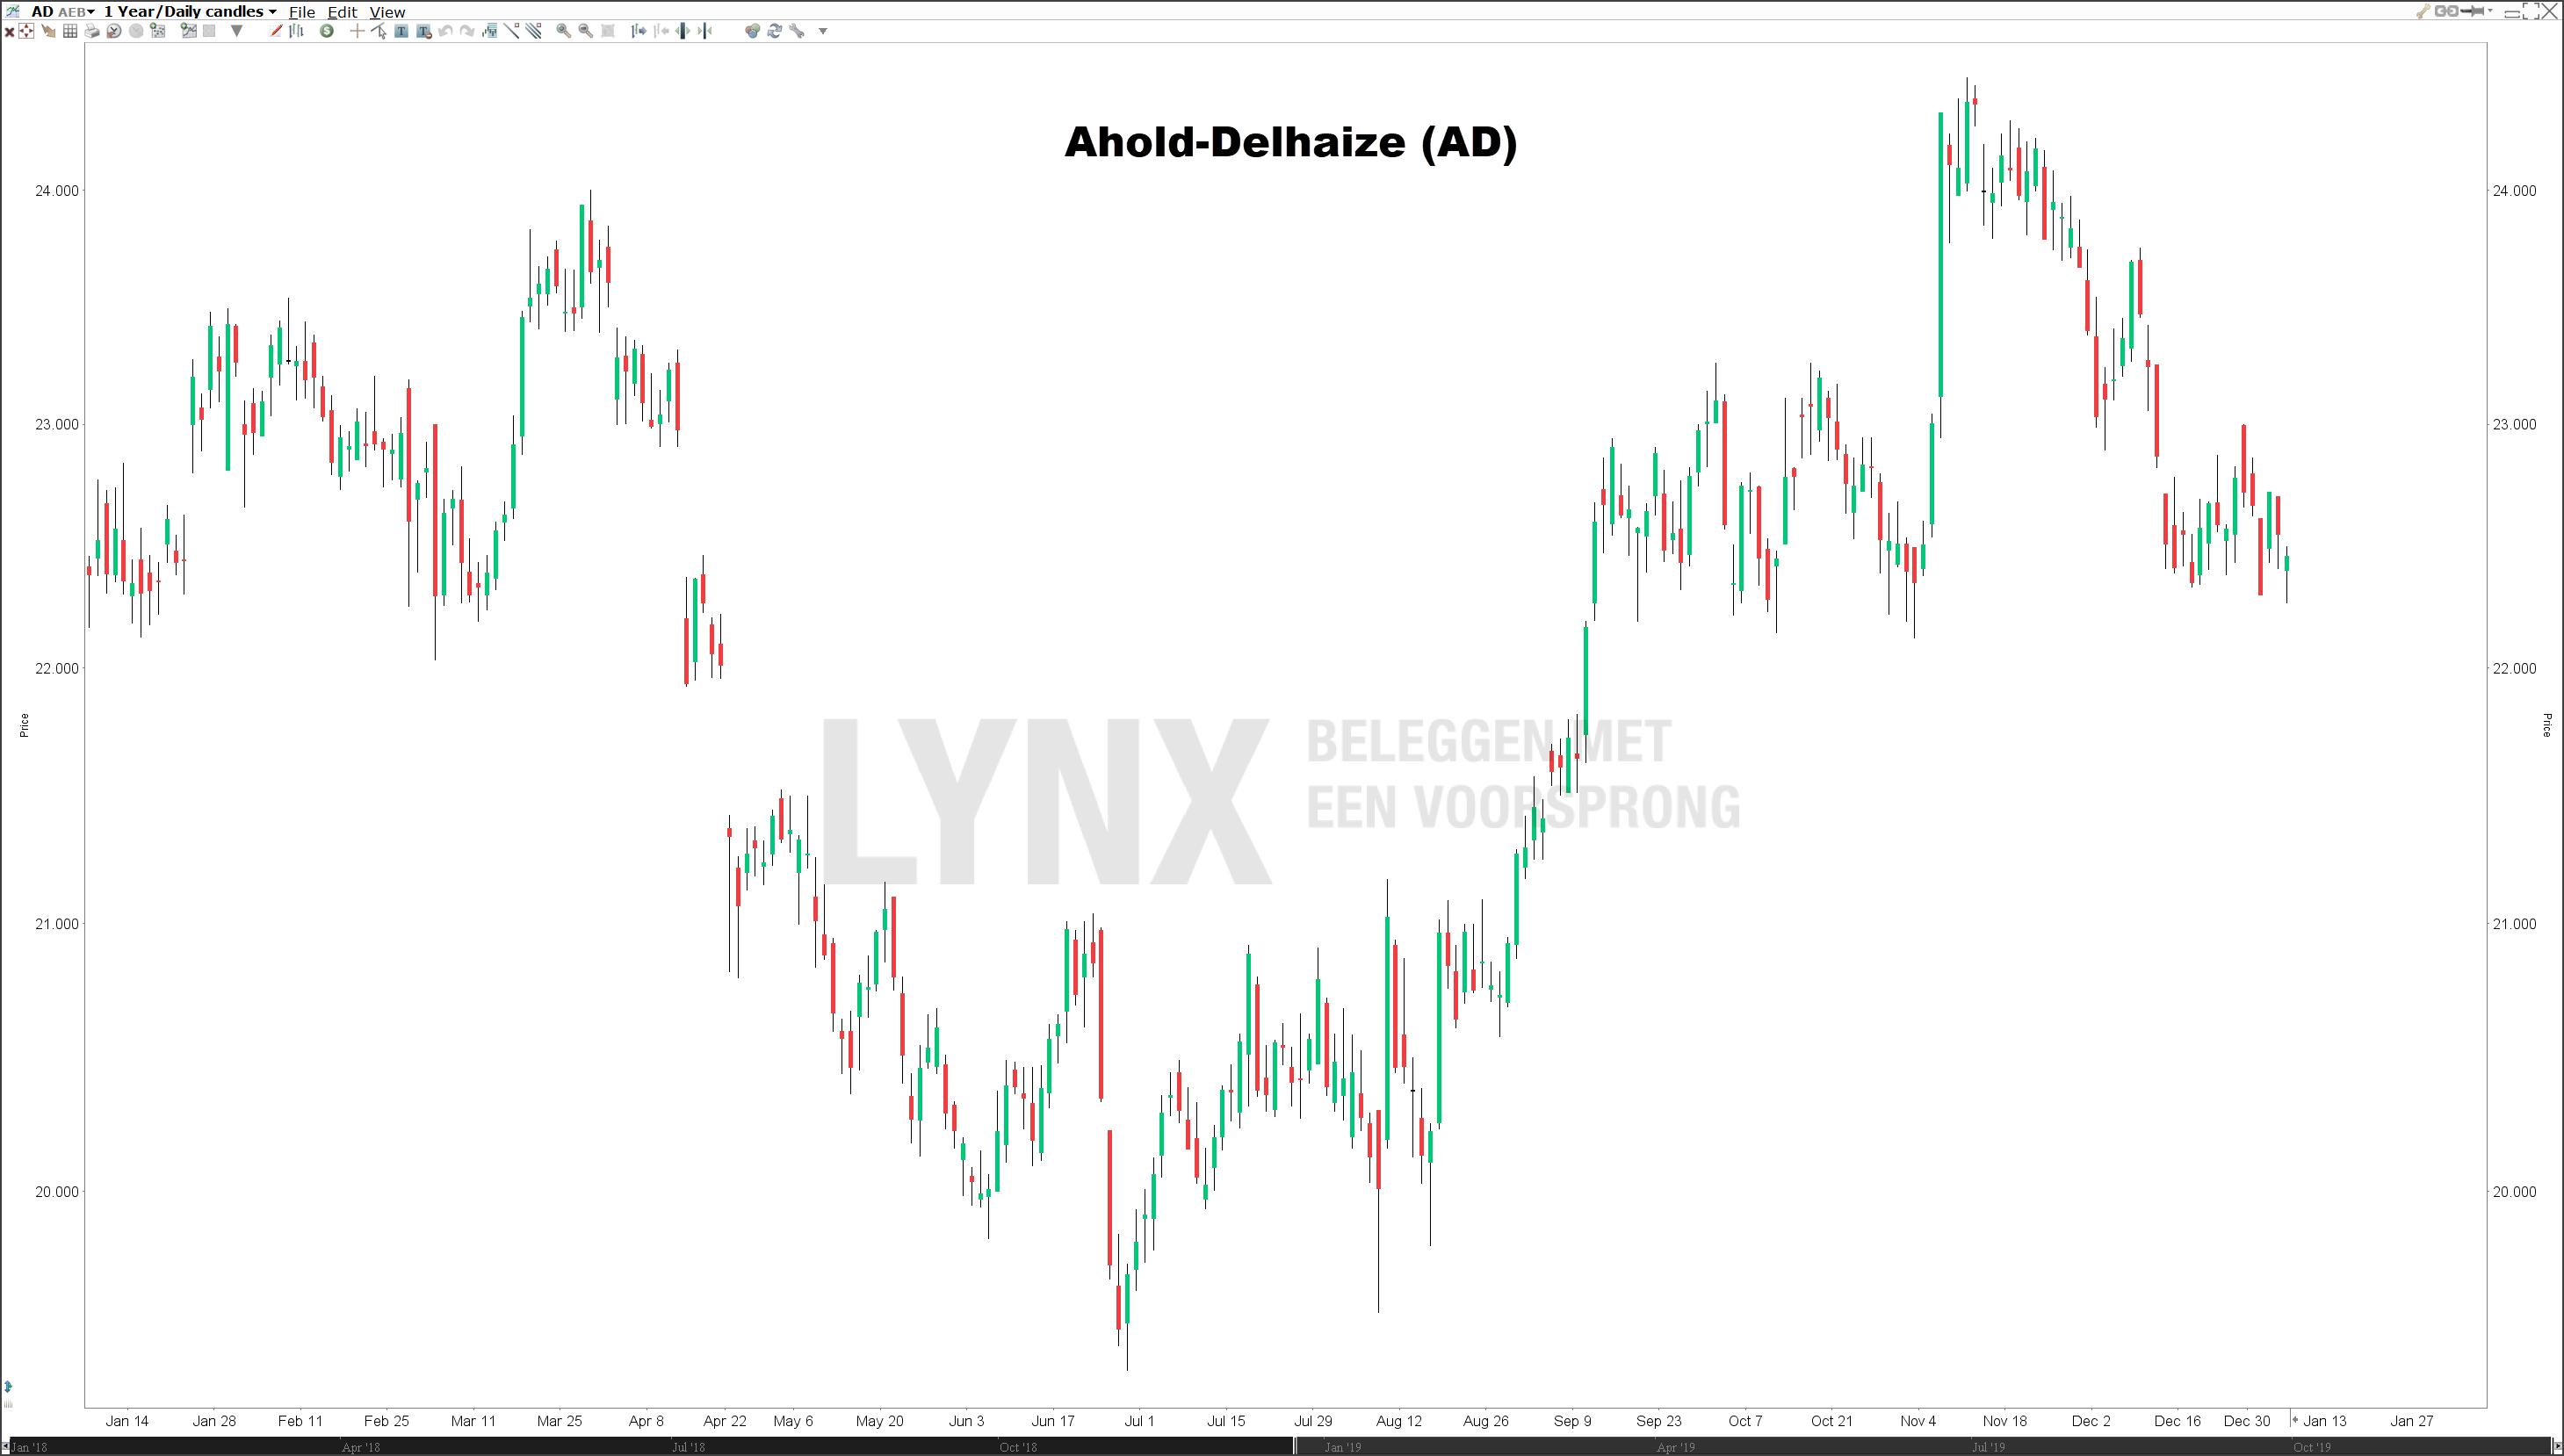 Koers Ahold Delhaize (AD) Nederlandse dividendaandelen